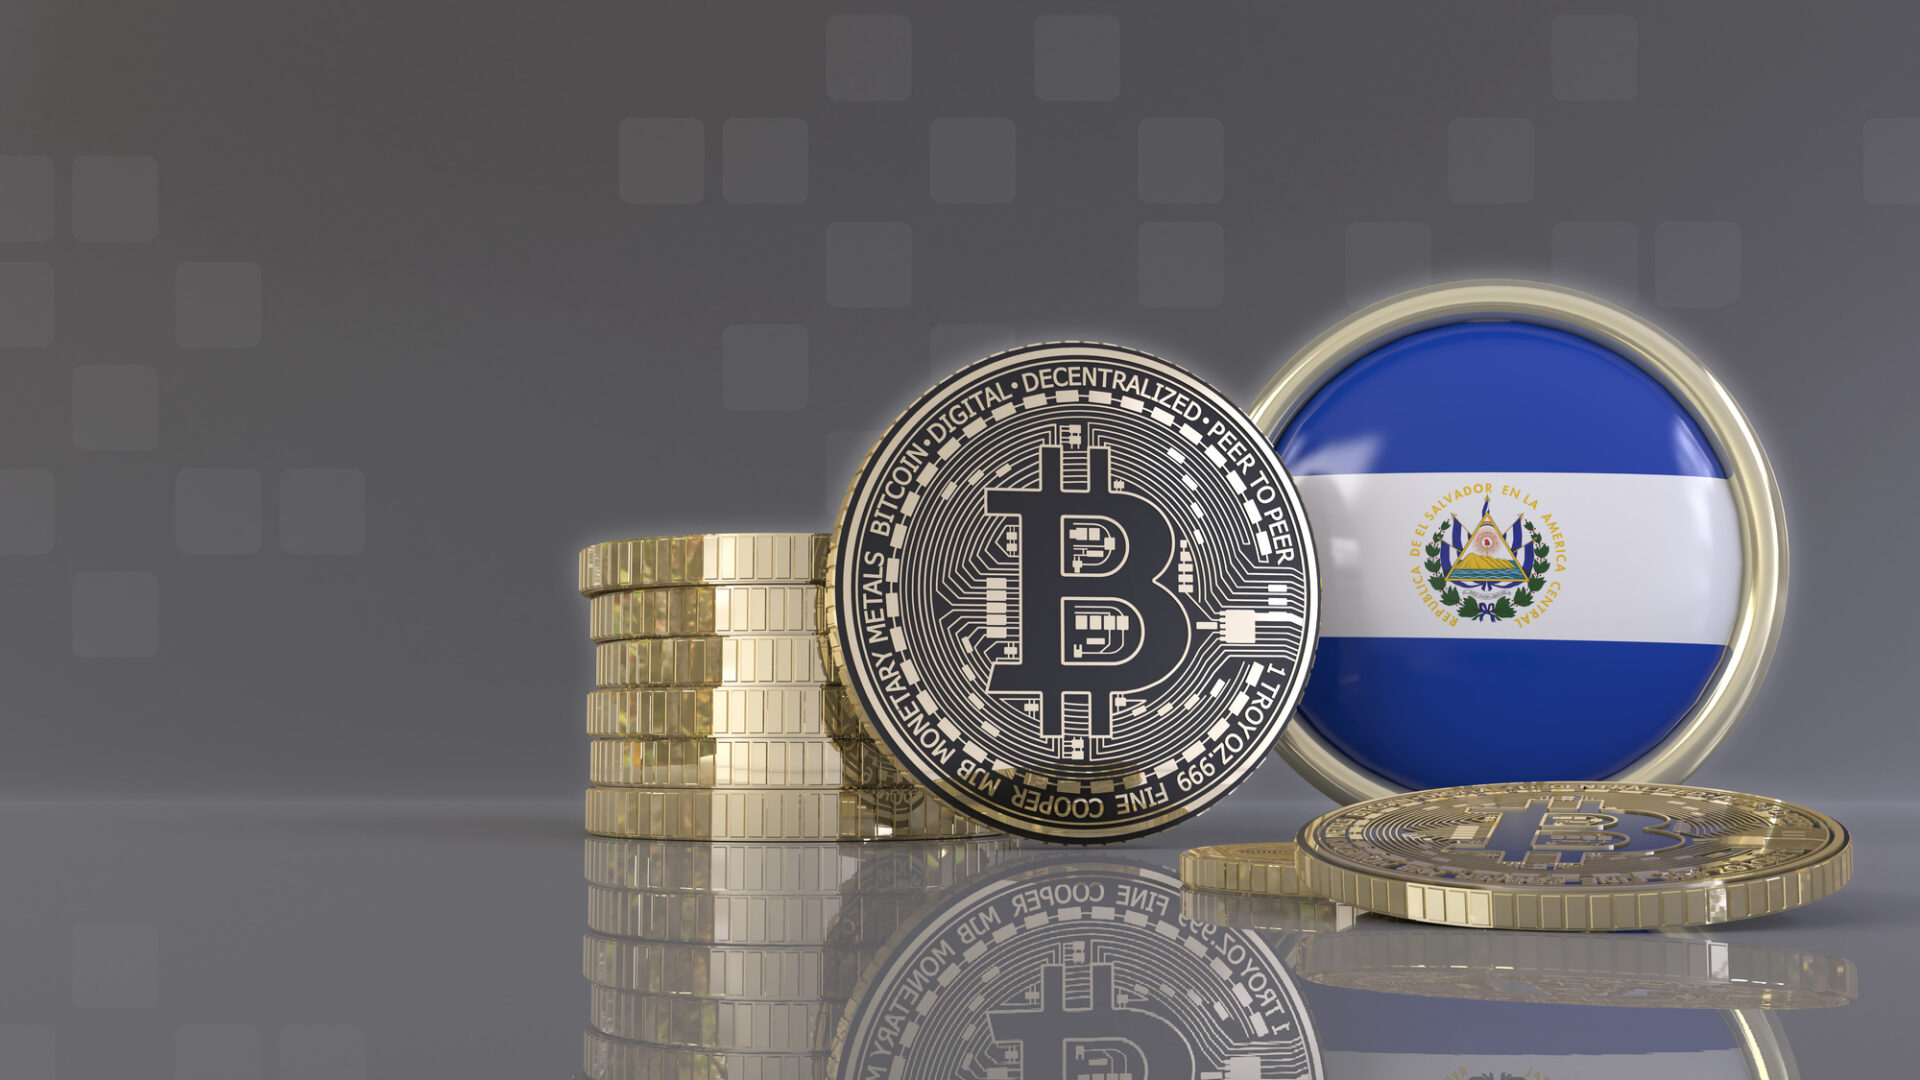 Quỹ Tiền tệ Quốc tế IMF đưa ra cảnh báo chống lại Luật Bitcoin của El Salvador